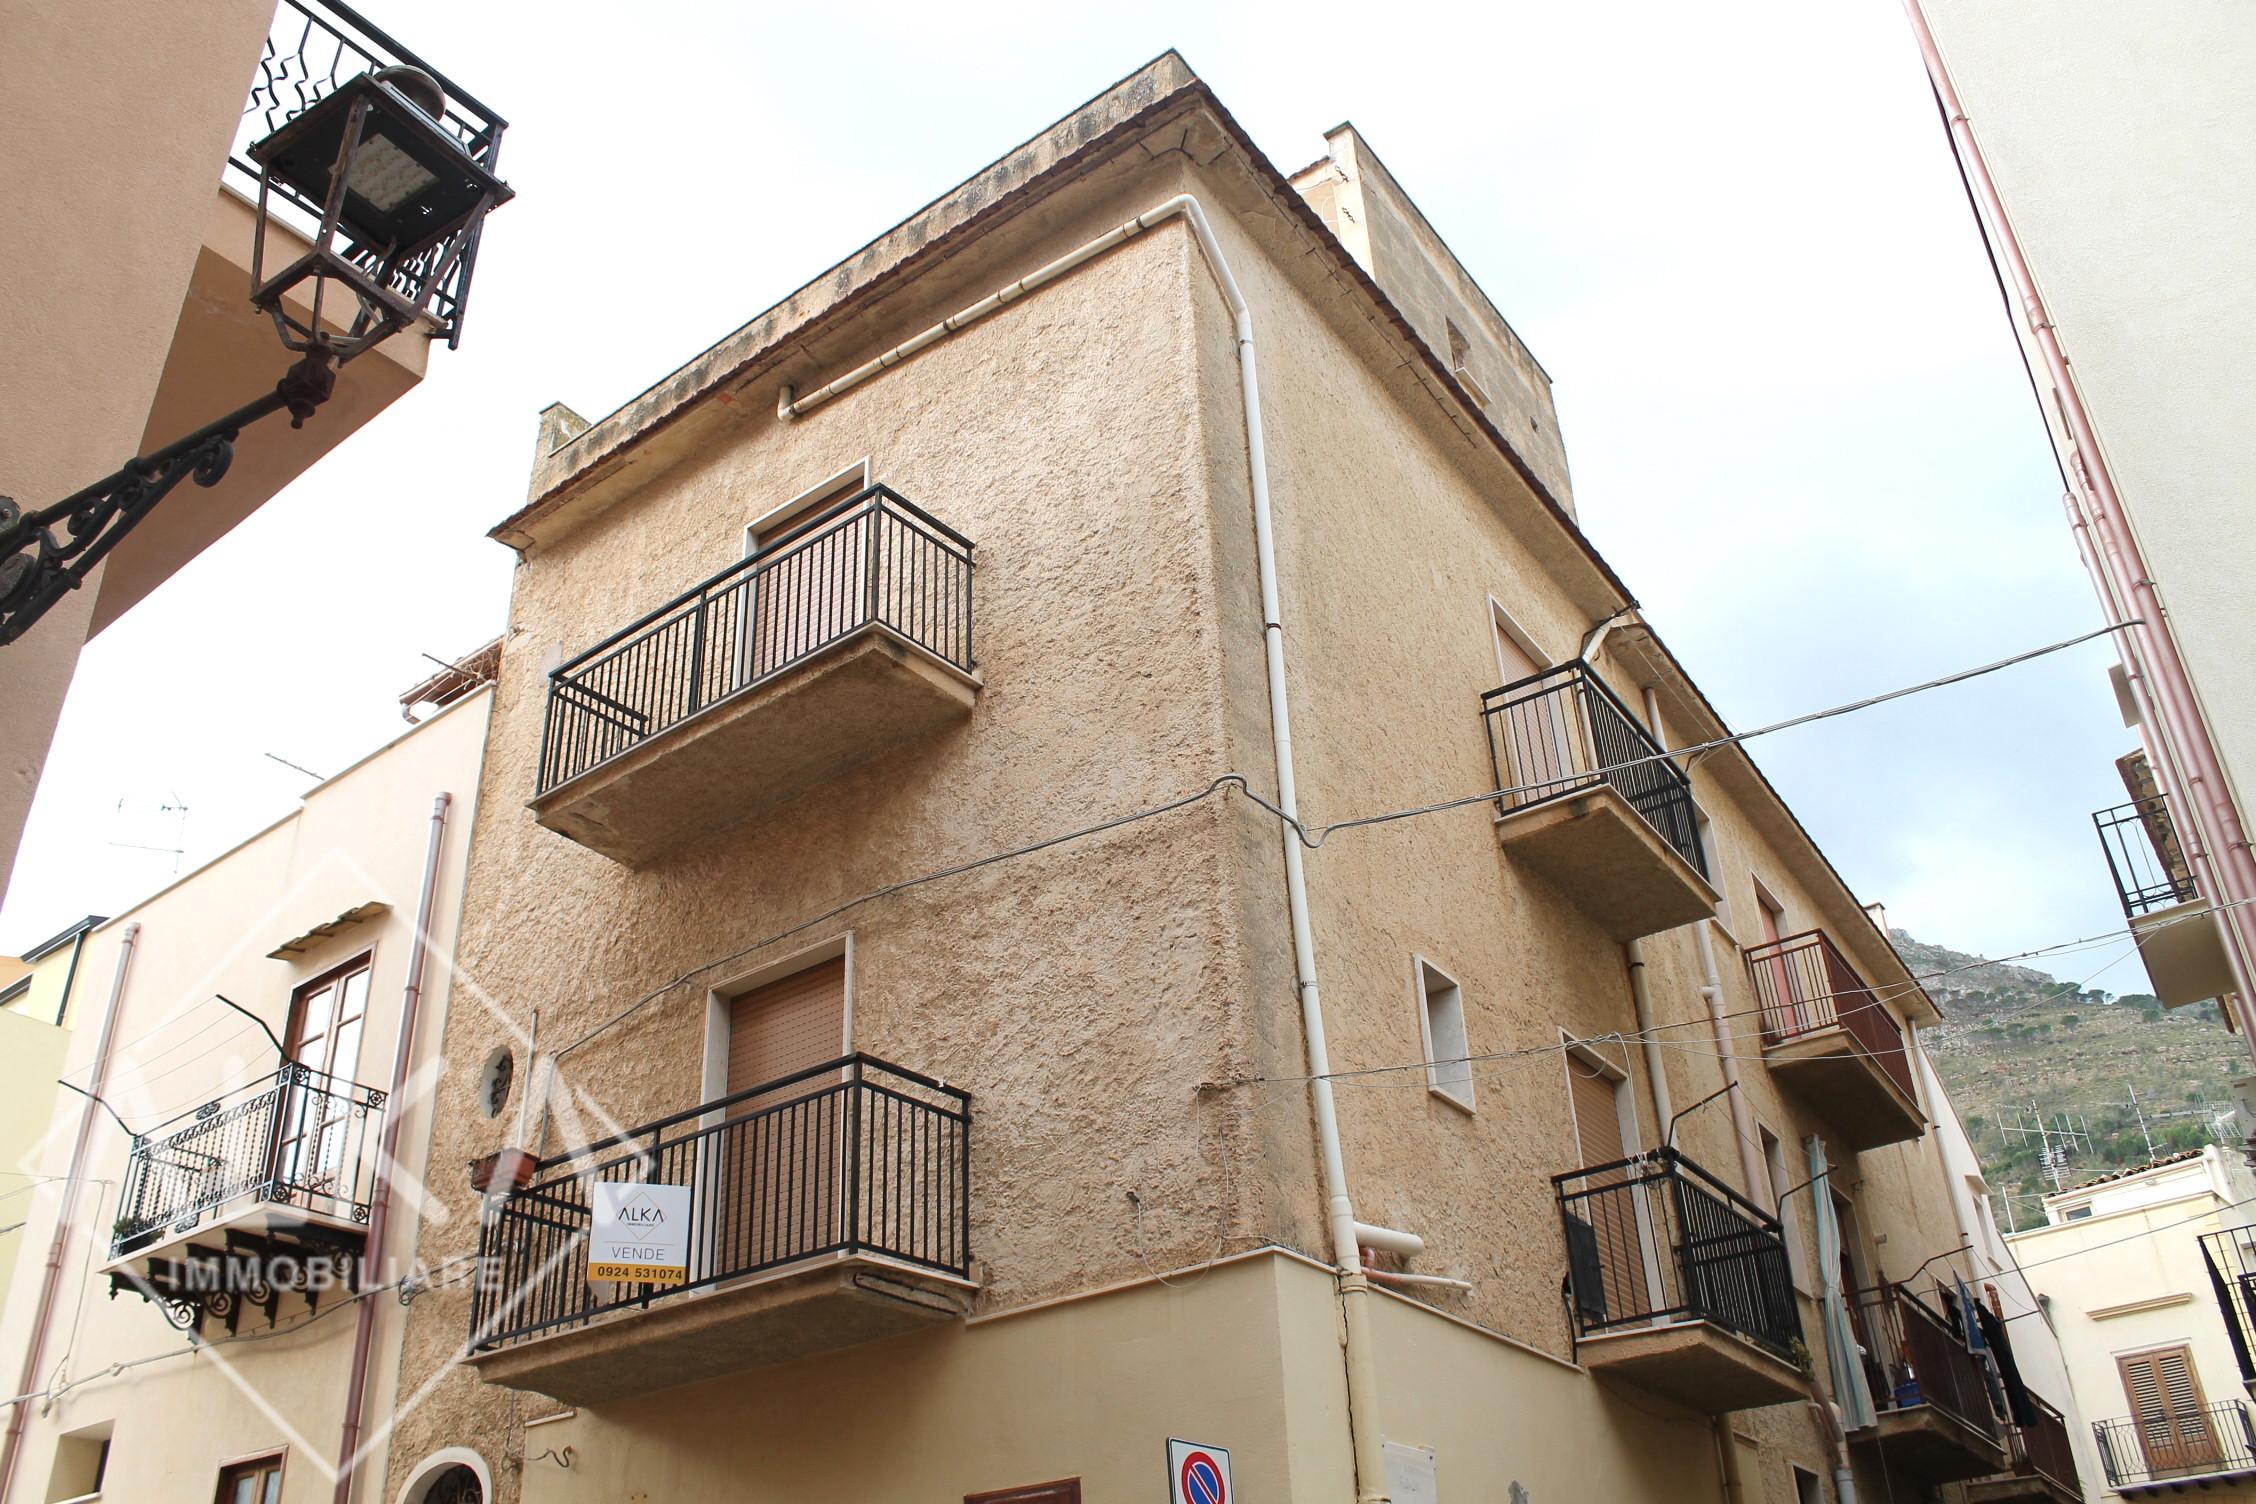 Casa in vendita a Castellammare del Golfo vicino al Porto turistico